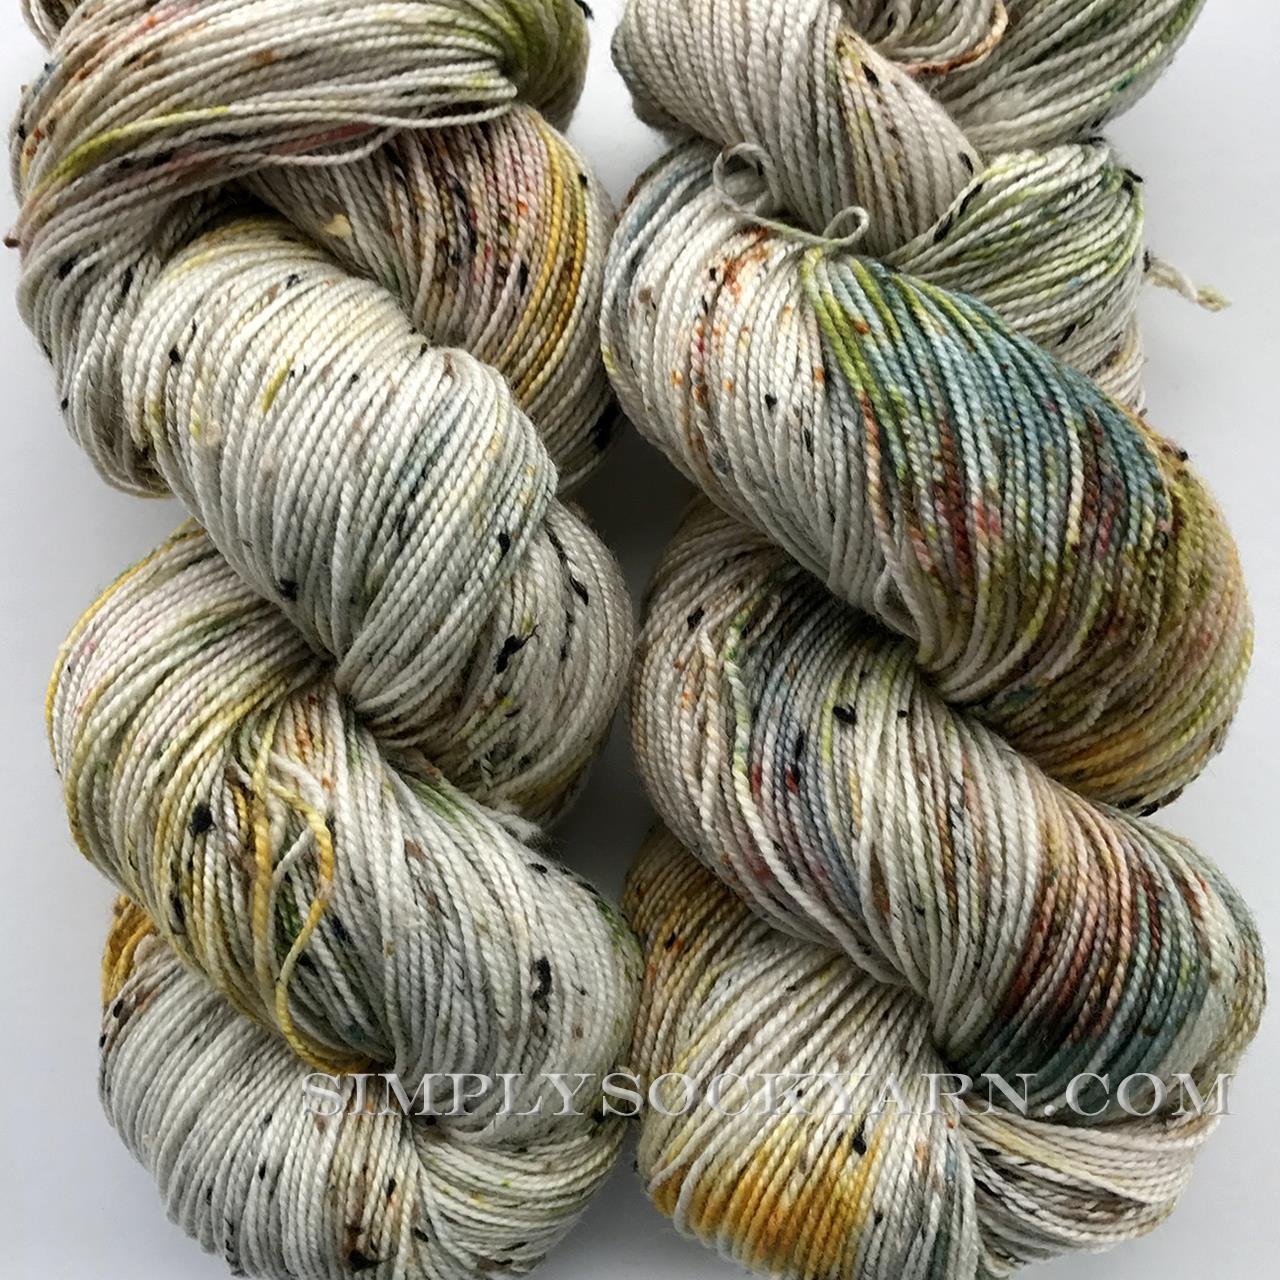 HLoco Tweed Finch -